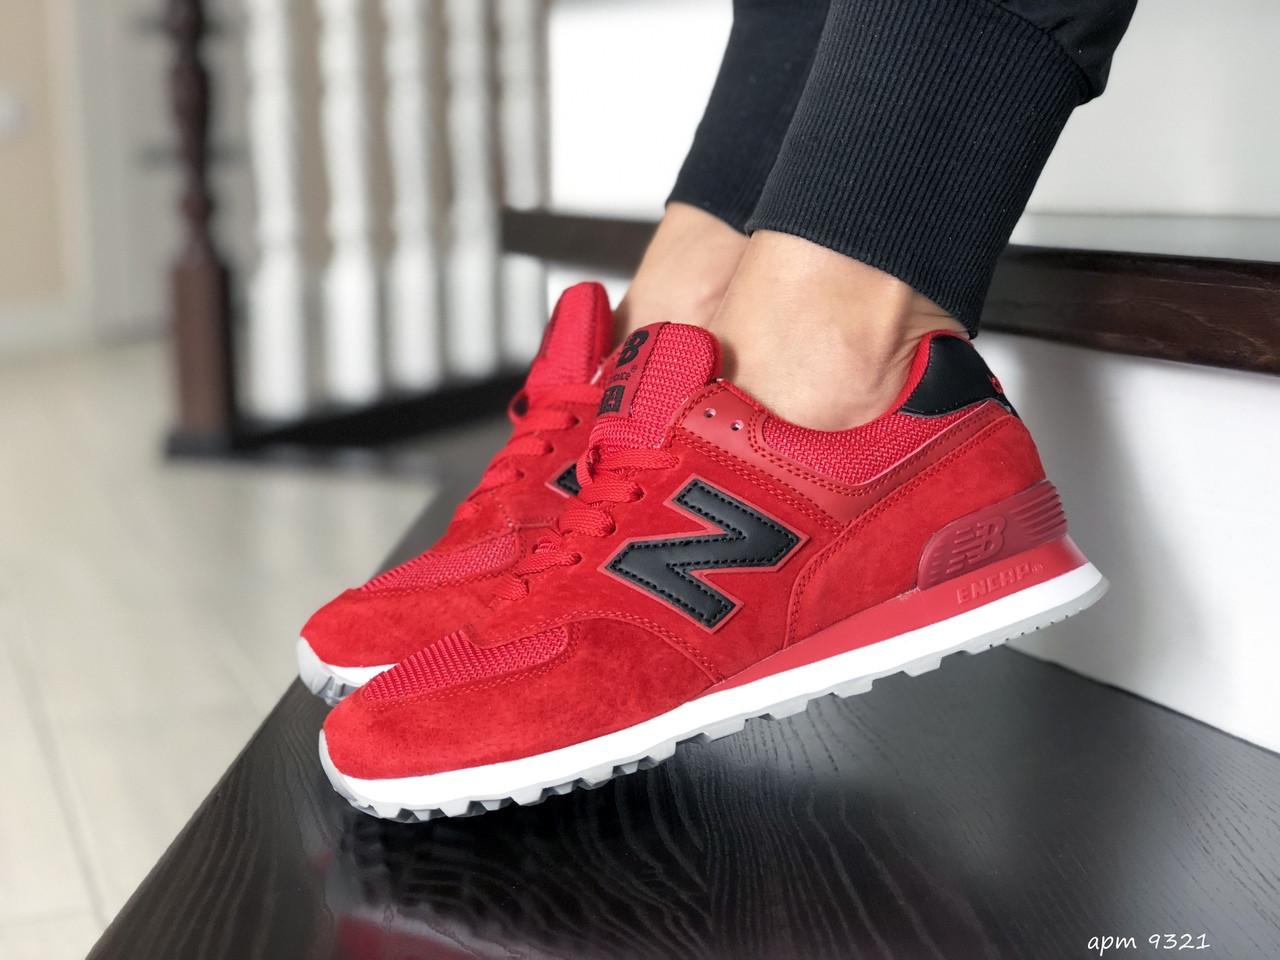 Замшевые женские кроссовки New Balance 574, красные / кросівки Нью Баланс (Топ реплика ААА+)